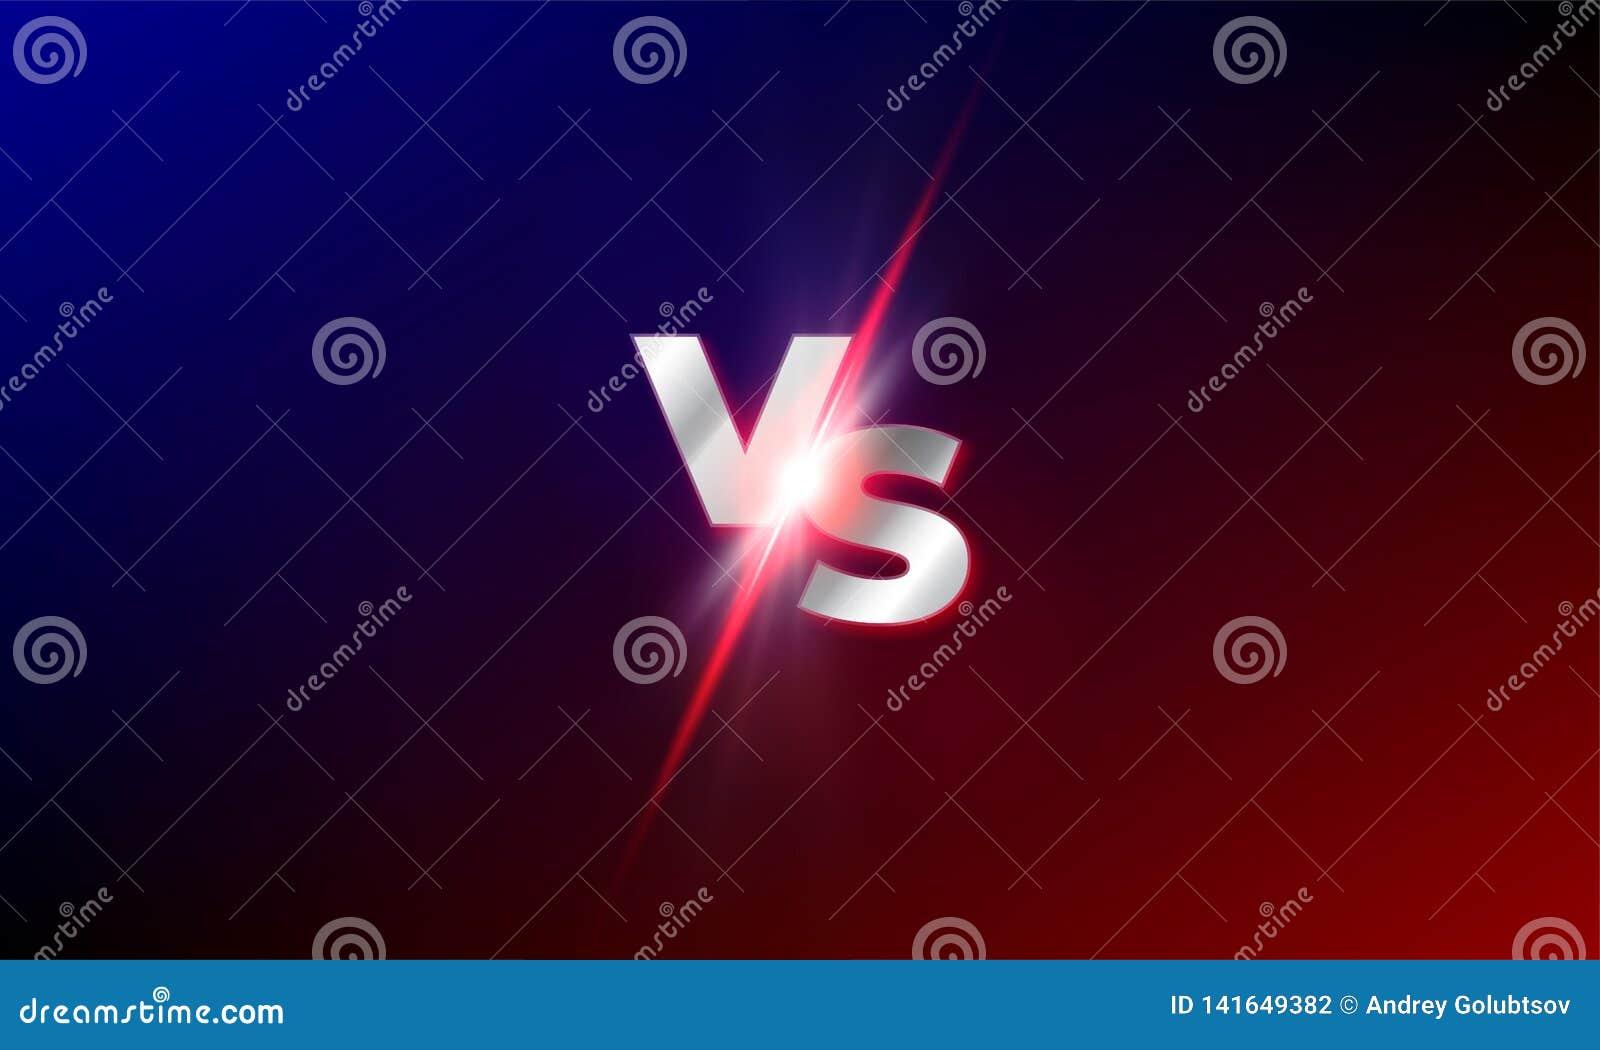 ΕΝΑΝΤΙΟΝ εναντίον του διανυσματικού υποβάθρου Κόκκινος και μπλε ανταγωνισμός πάλης mma ΕΝΑΝΤΙΟΝ του ελαφριού σπινθηρίσματος φυσήμ